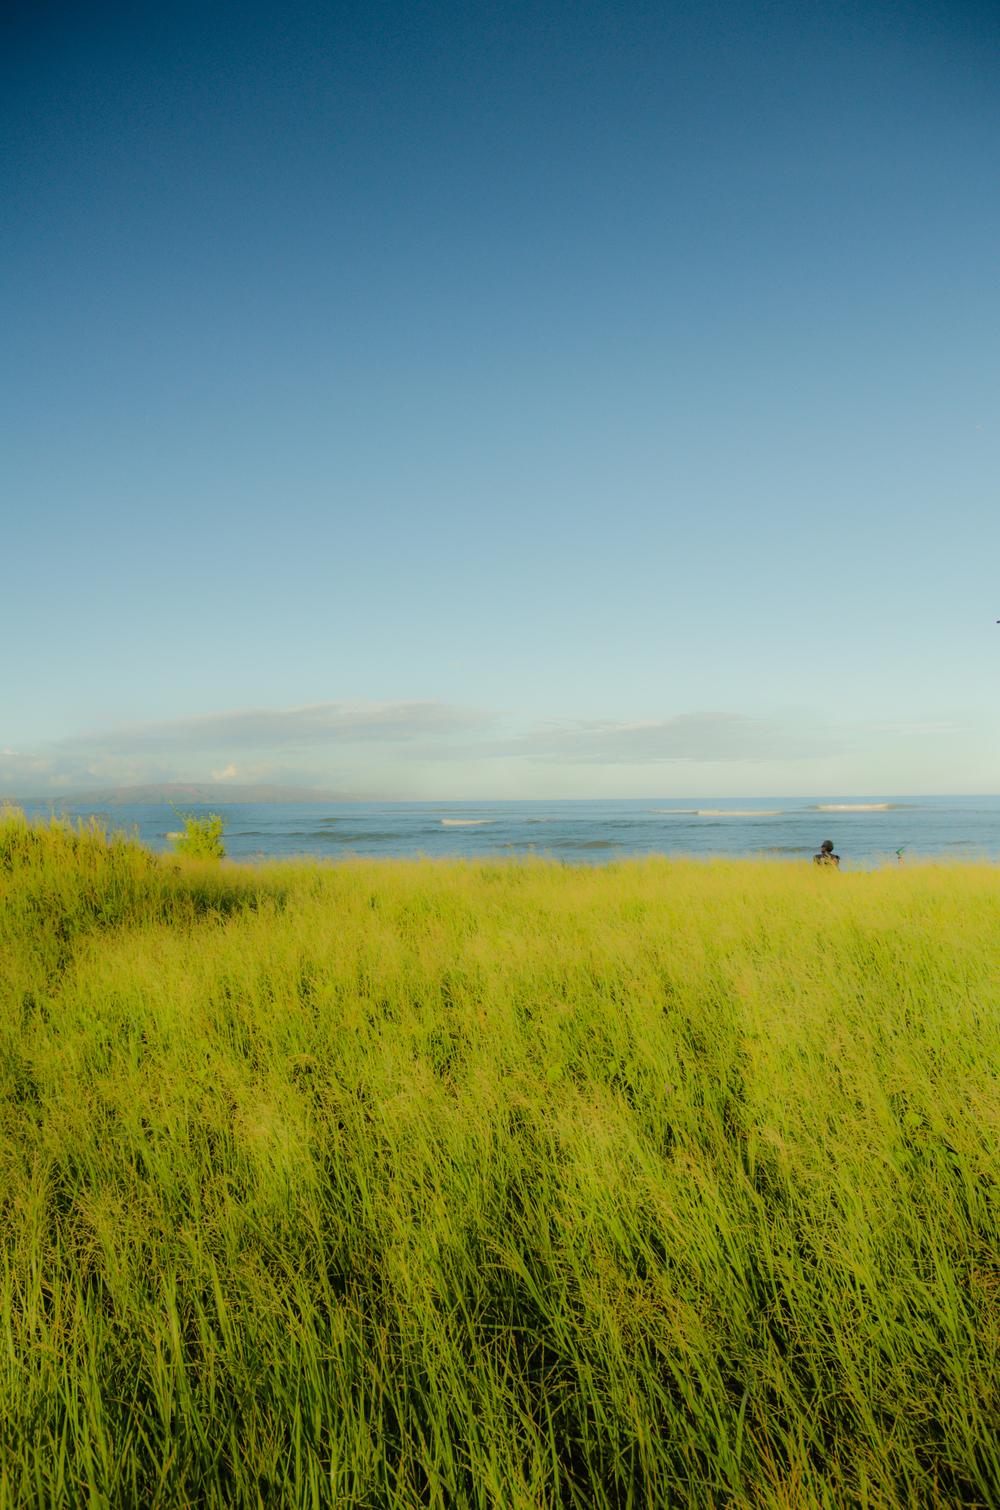 Maui Vacation DSC_7676.jpg